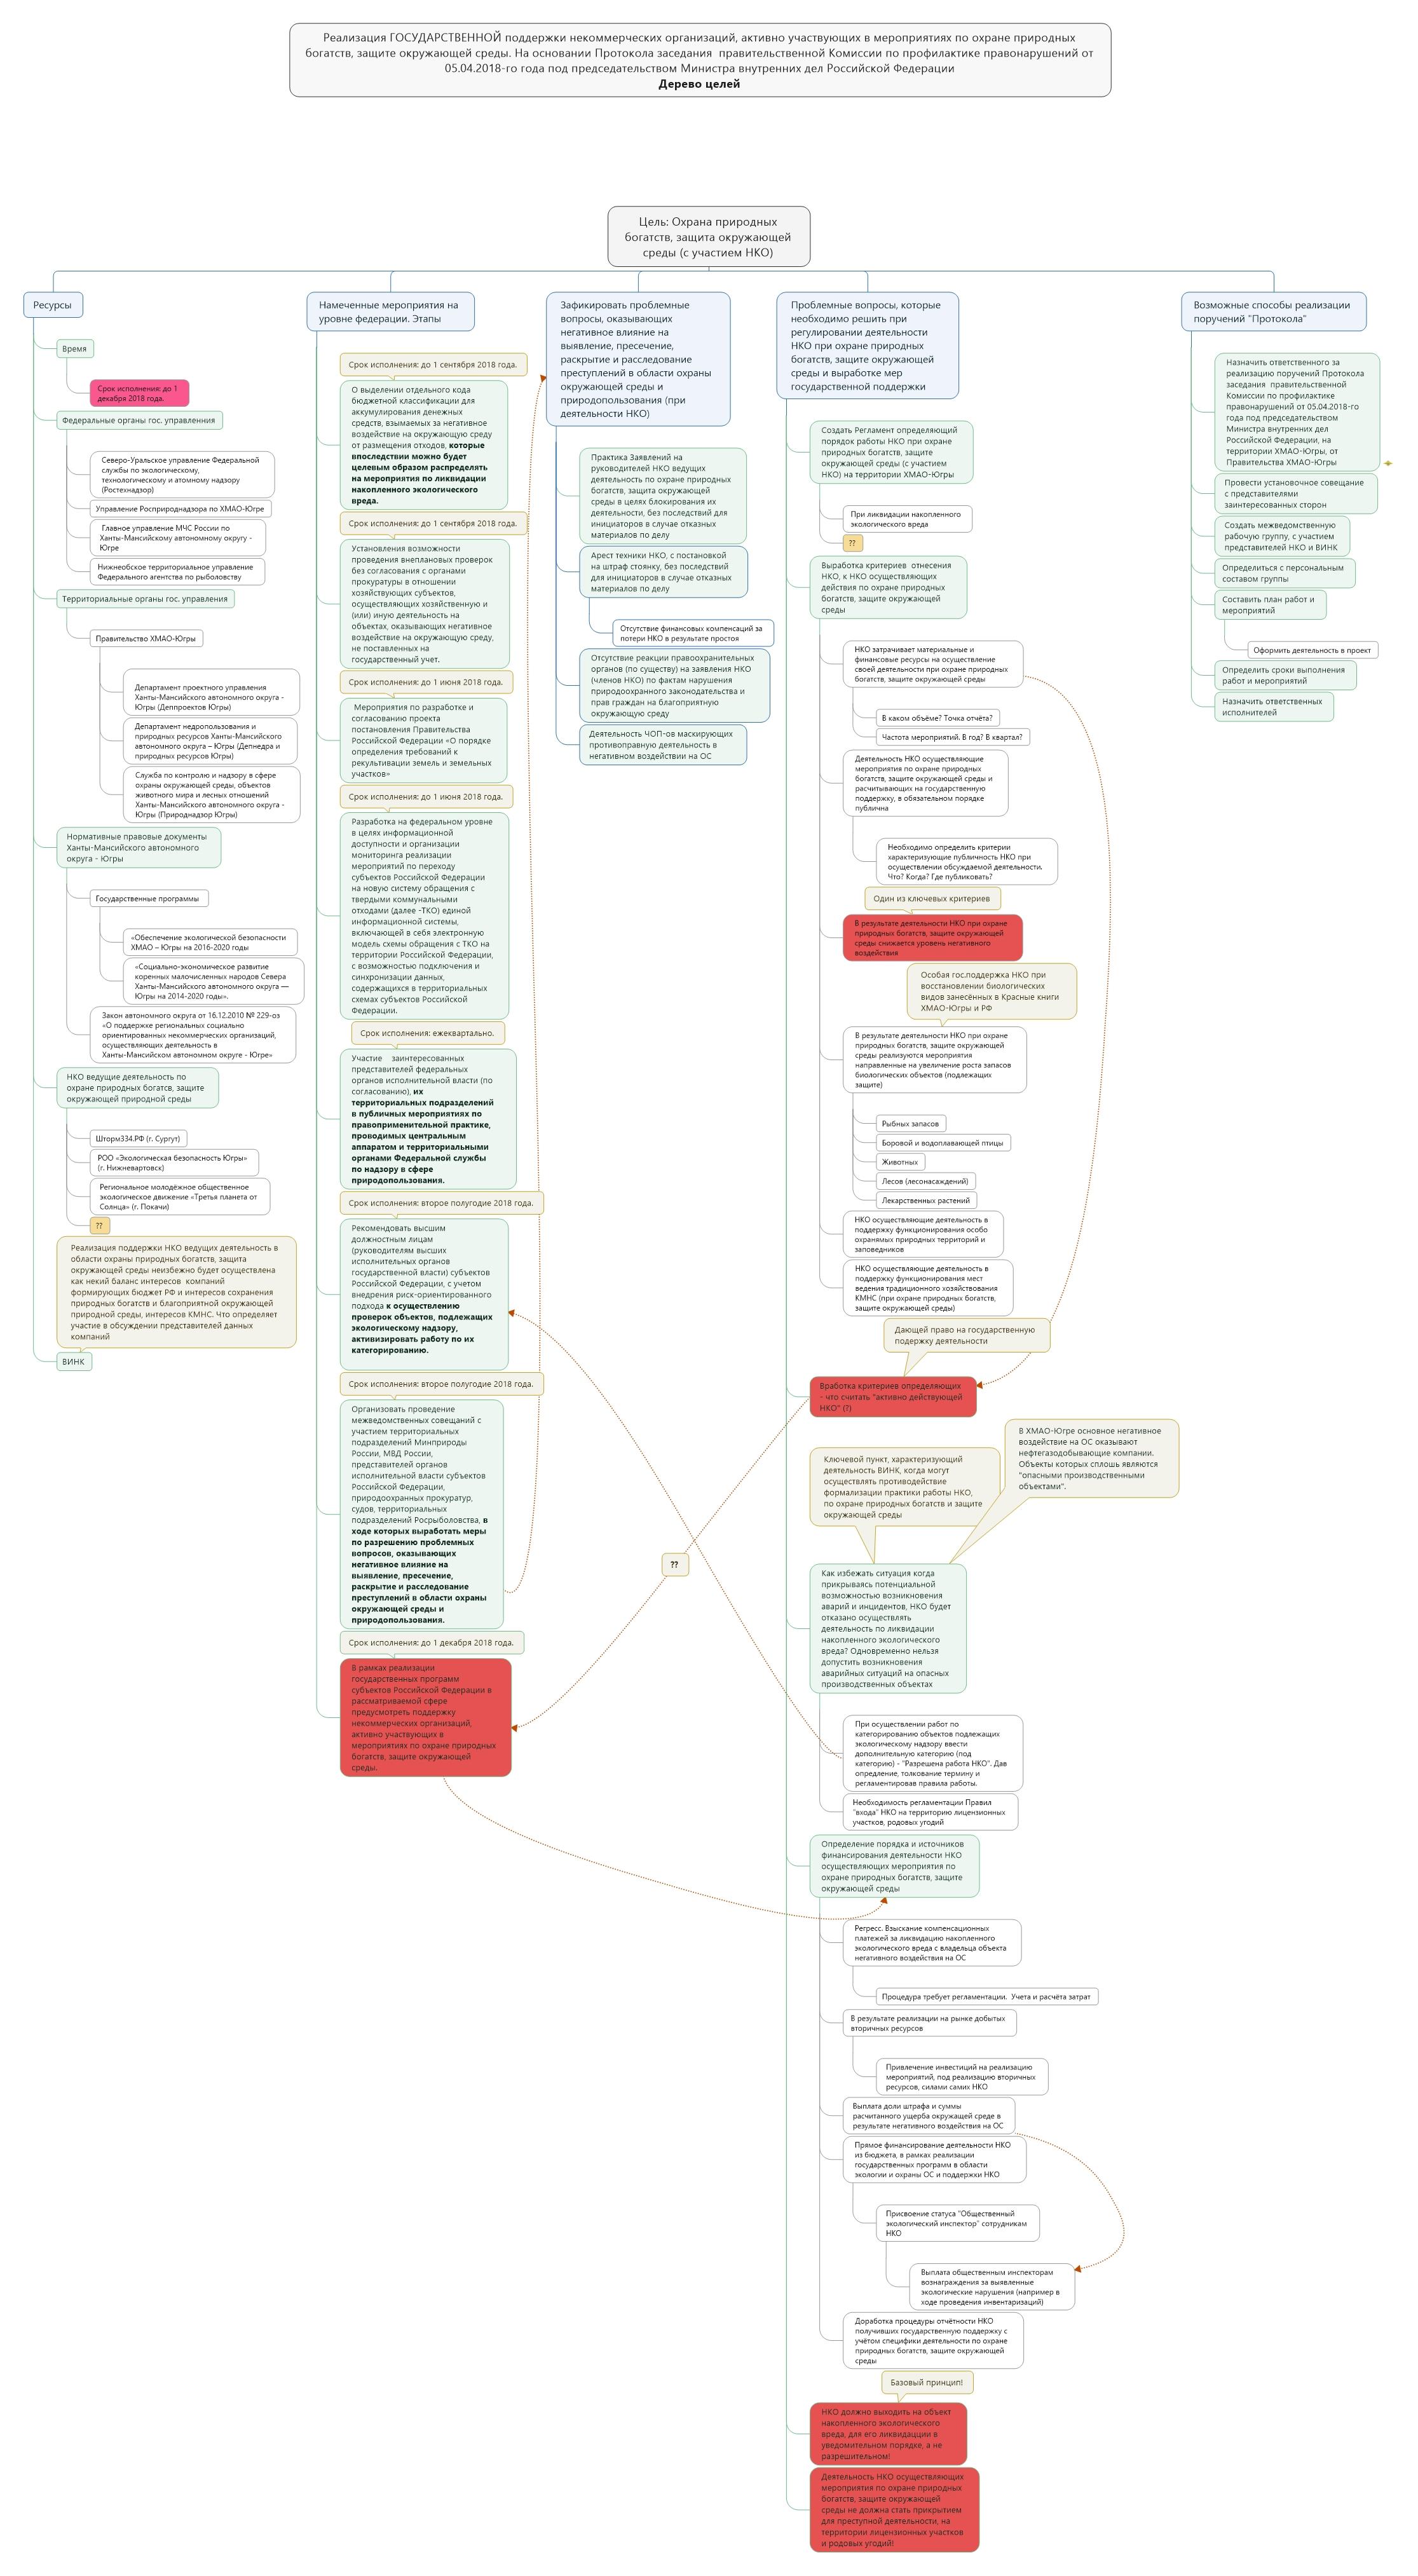 Дерево целей - Реализация поддержки НКО май 2018